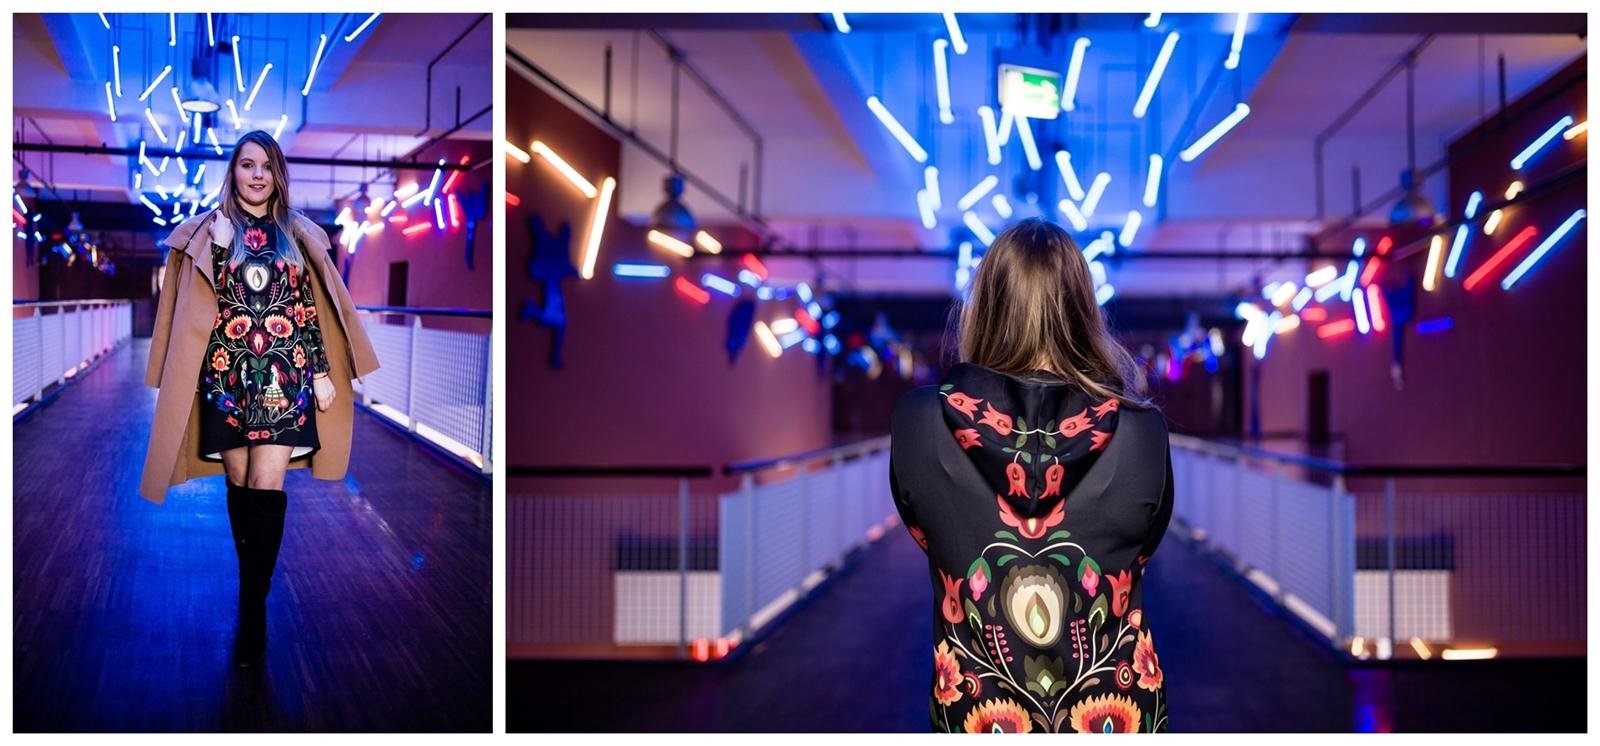 8 folk by koko recenzje opinie jakość sukienka bluza z motywem łowickim kodra folkowe ubrania motywy eleganckie folkowe dodatki kodra łowicka góralskie róże stylizacja polska blogerka łódź moda melodylaniella